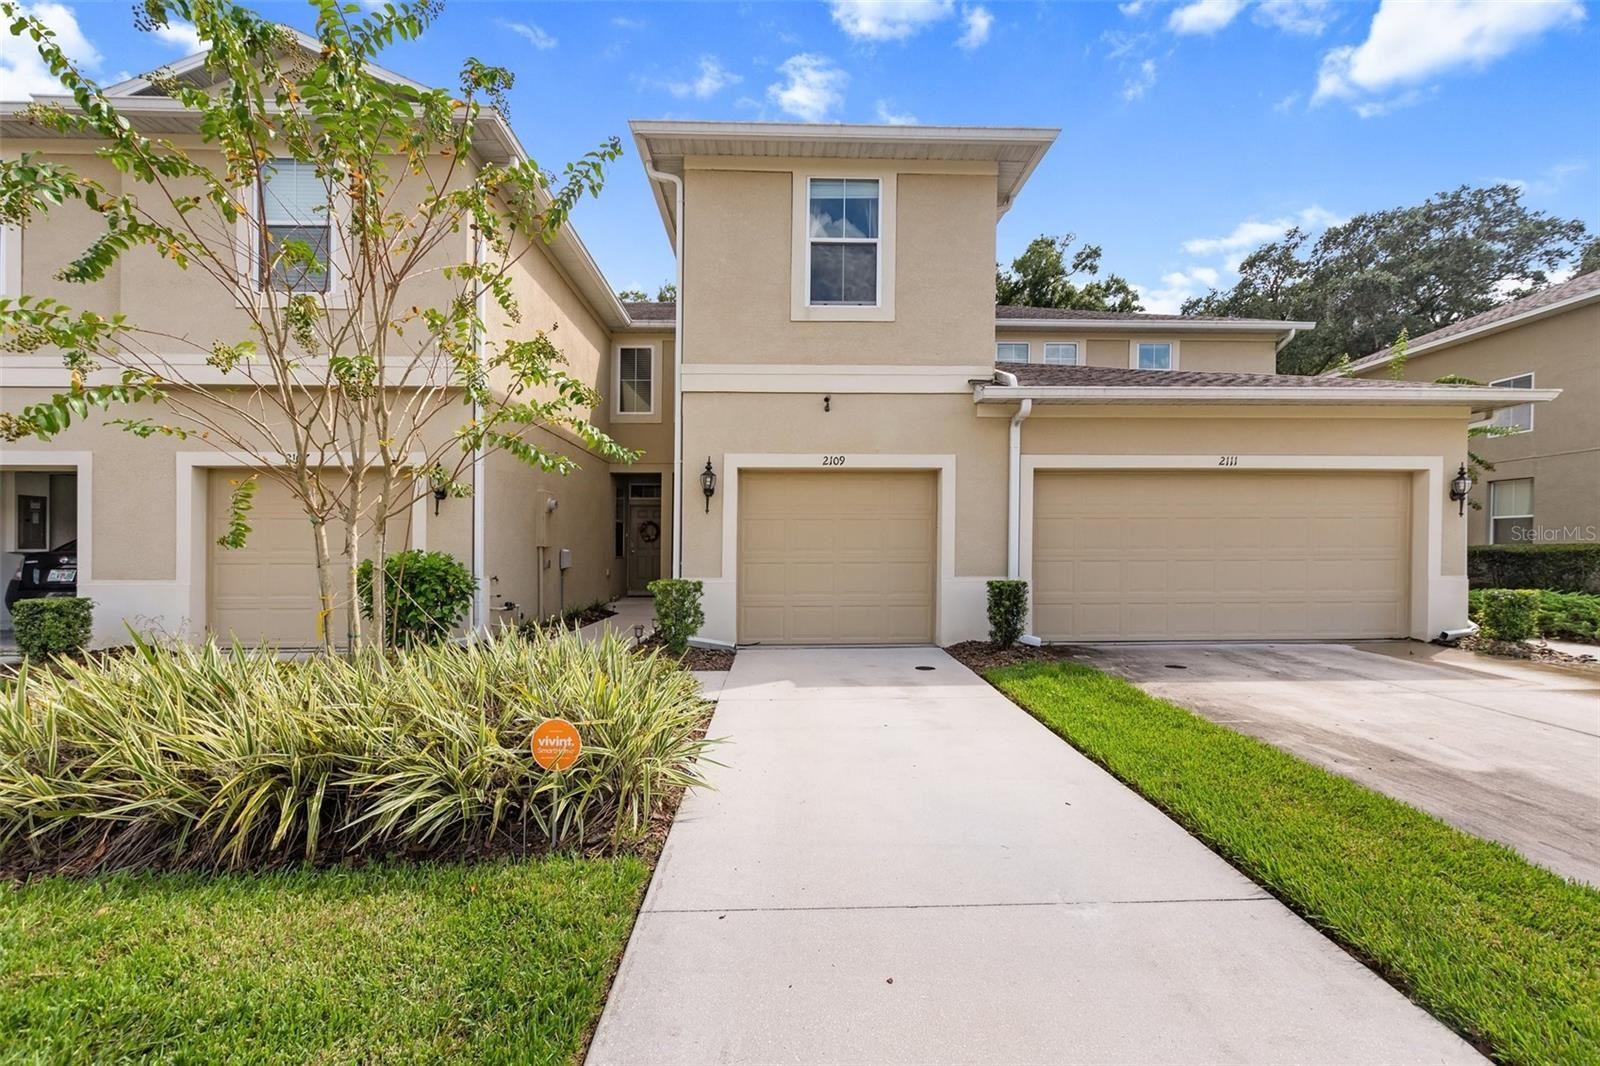 2109 BROADWAY VIEW AVENUE, Brandon, FL 33510 - #: T3330798